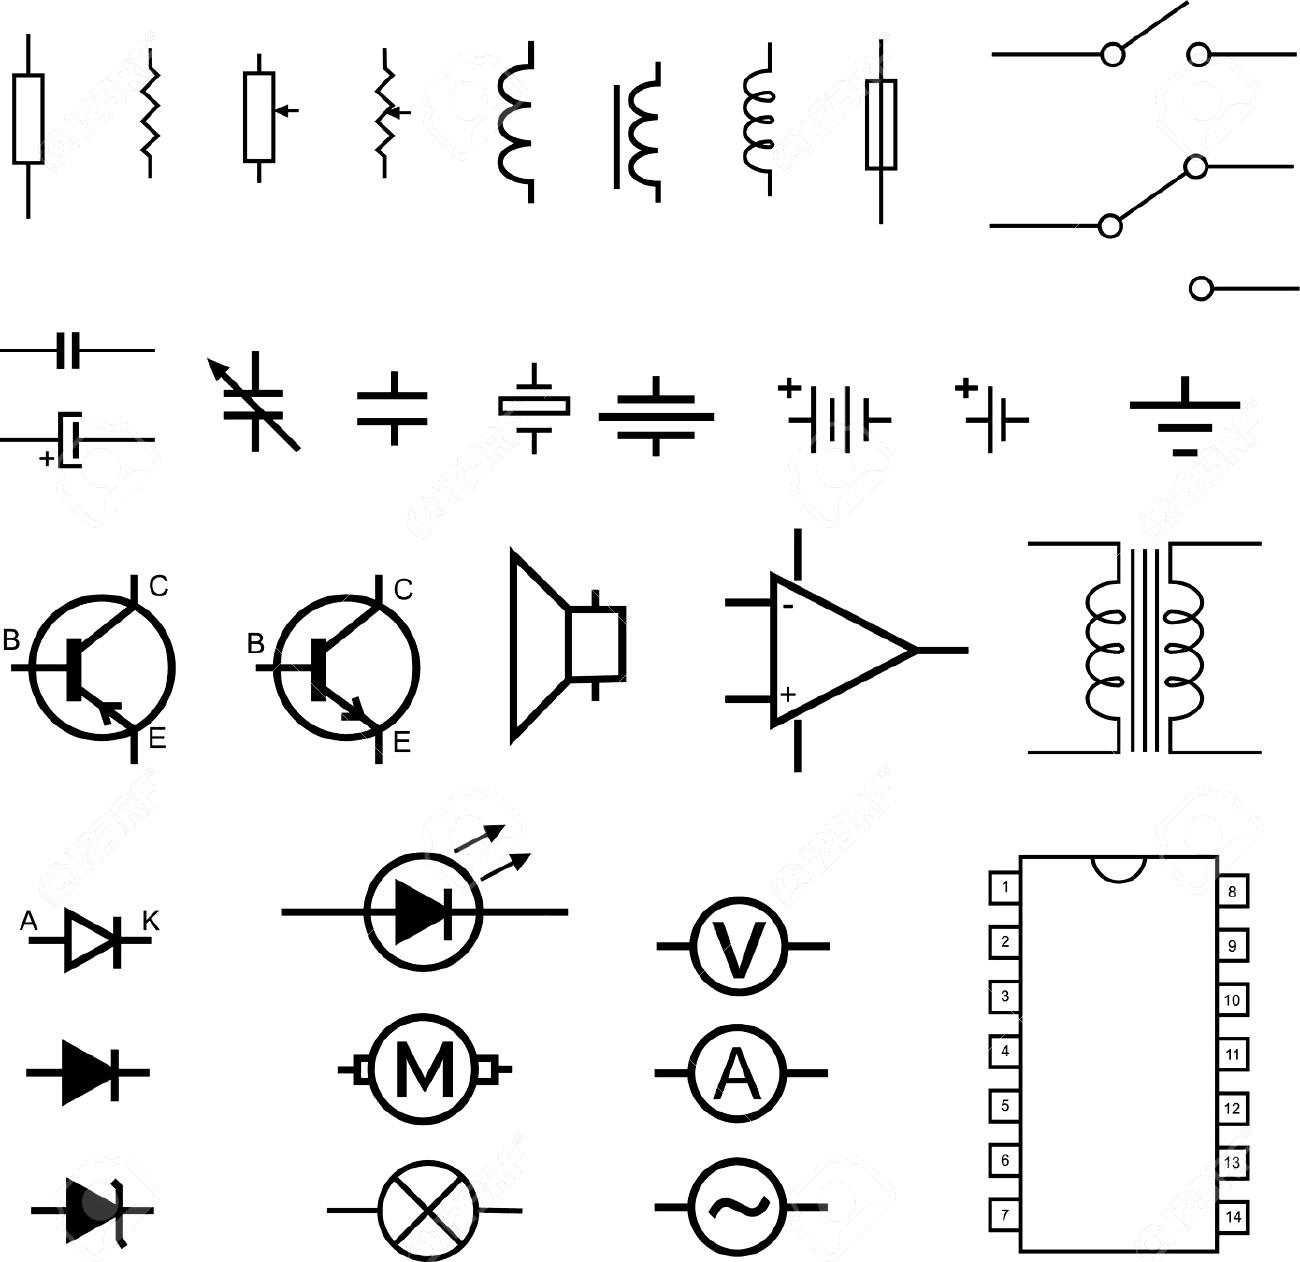 schematic symbol of wire